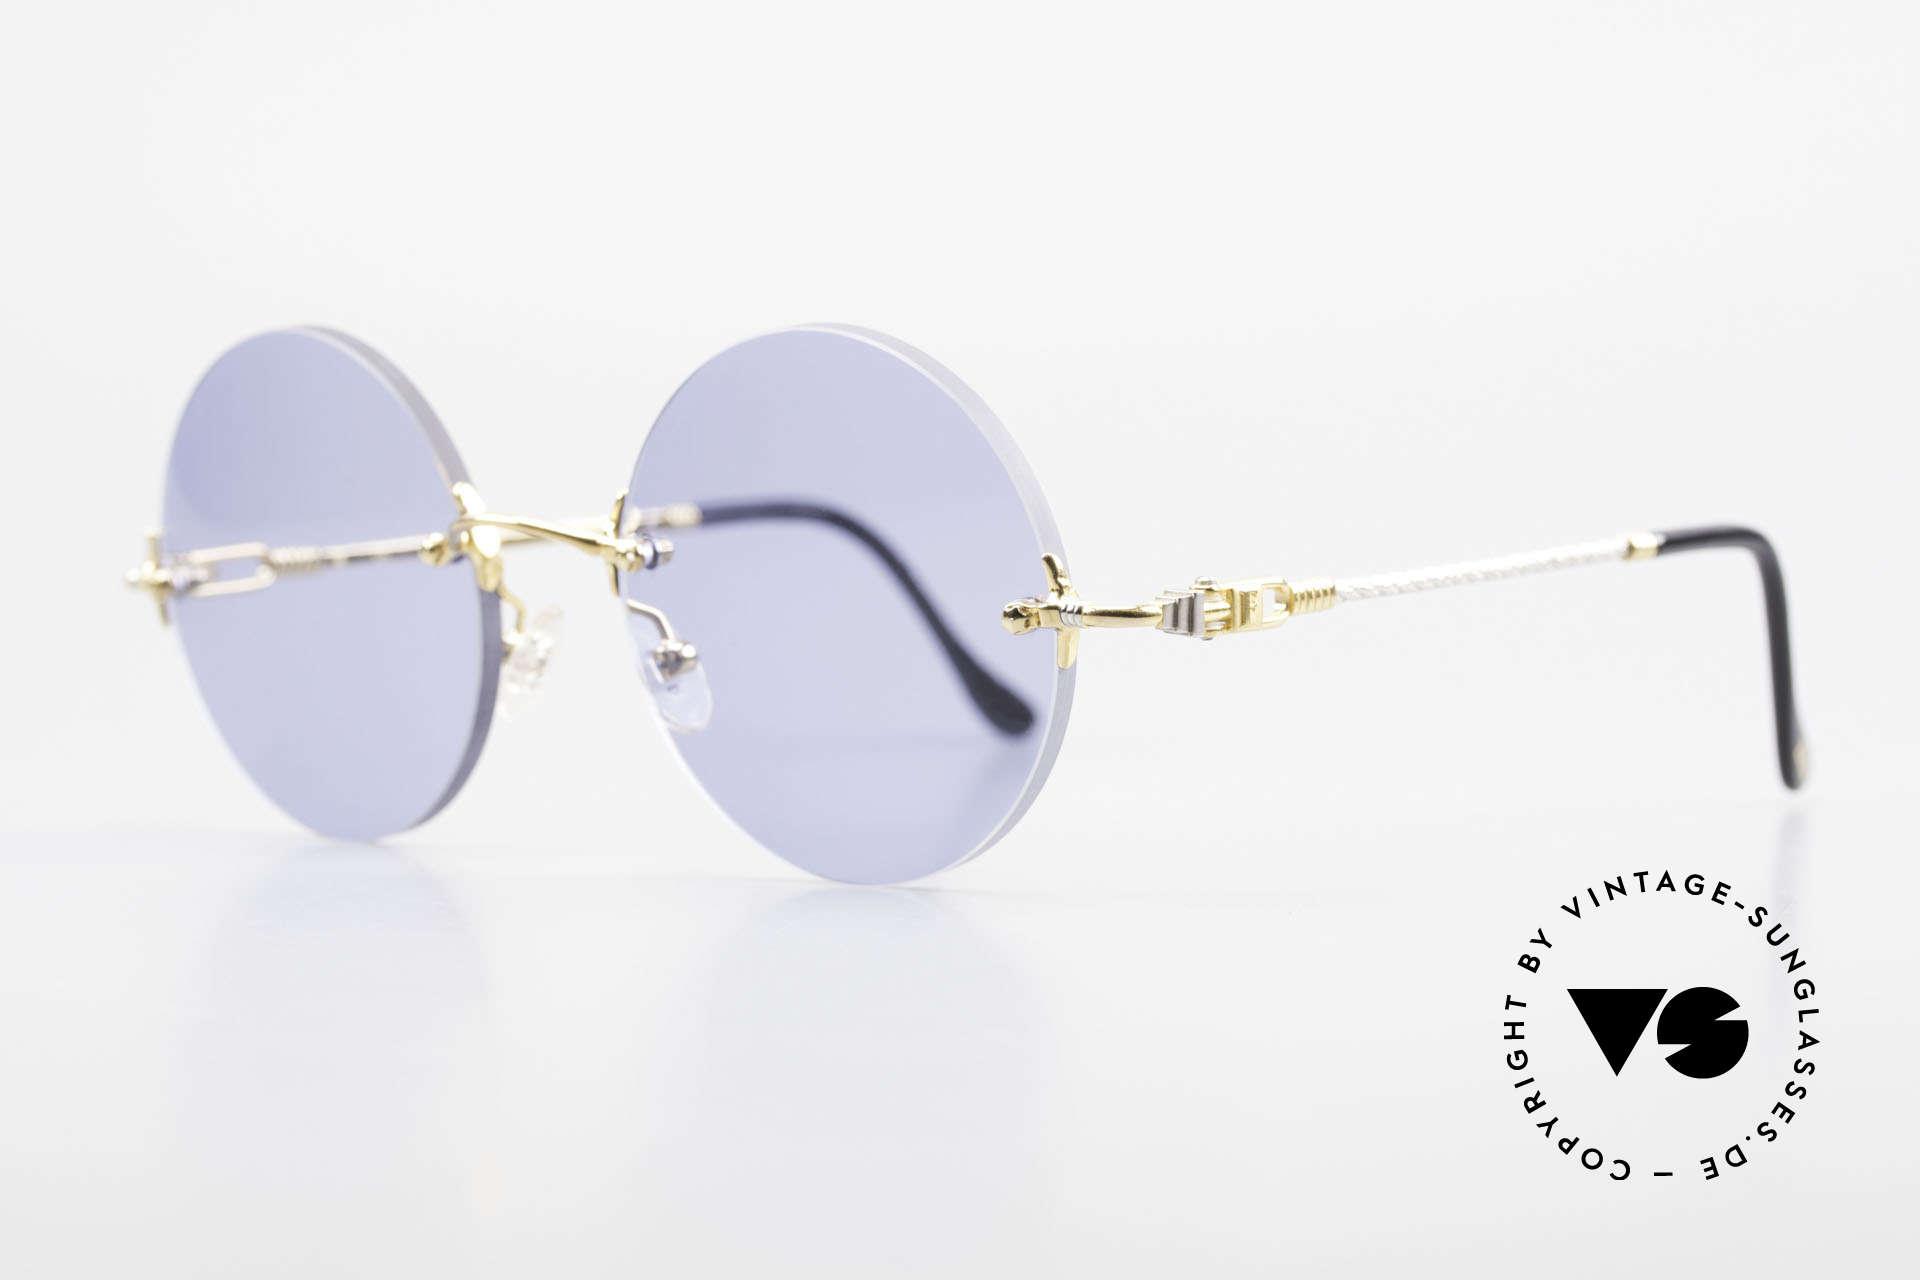 Fred Fidji Luxus Brille Rund Randlos 90er, Modell benannt nach den Fidschi Inseln im Südpazifik, Passend für Herren